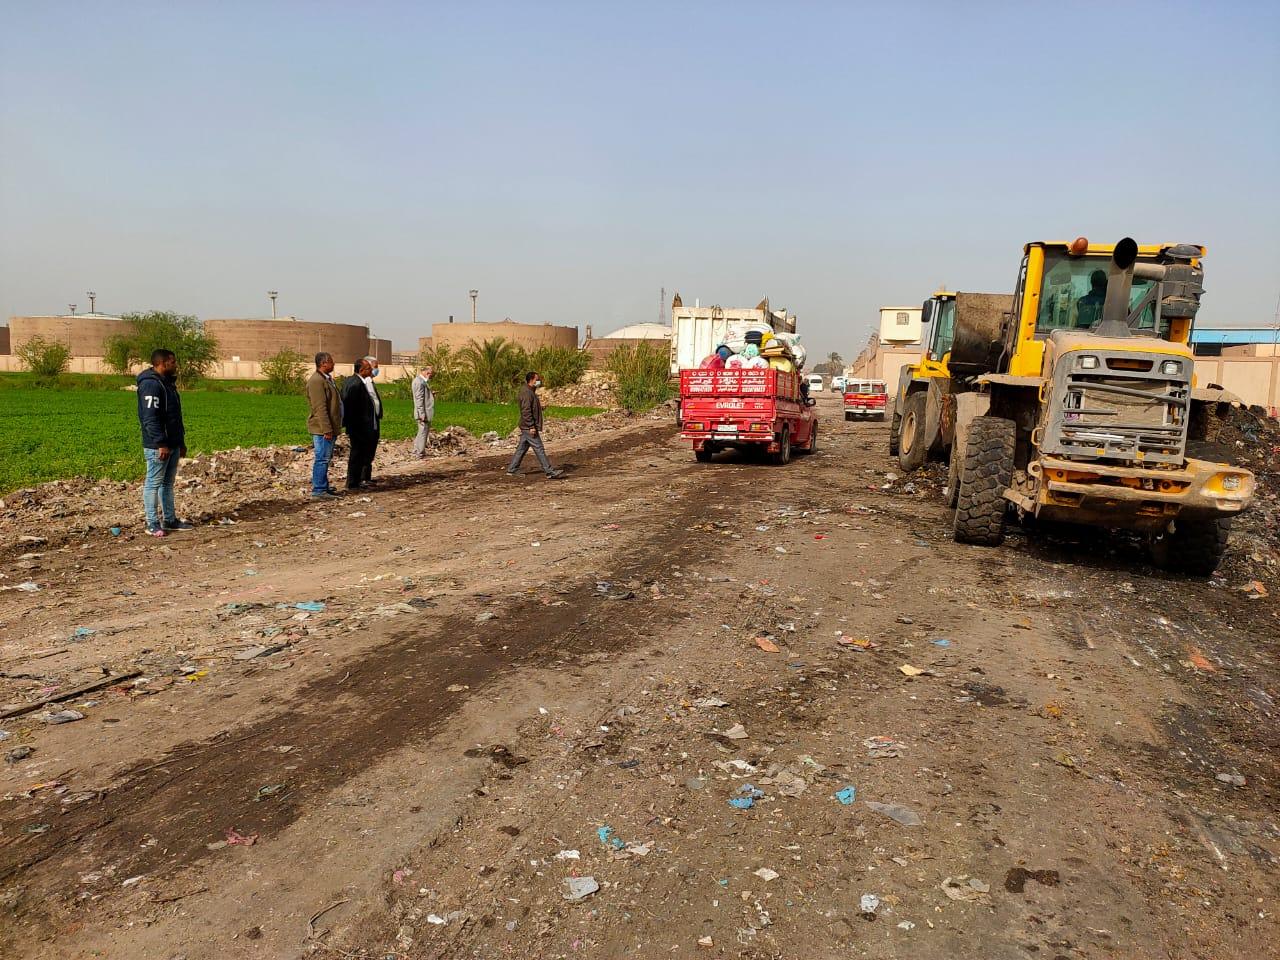 التنمية المحلية تزيل 400 طن قمامة ومخلفات بالخصوص (1)